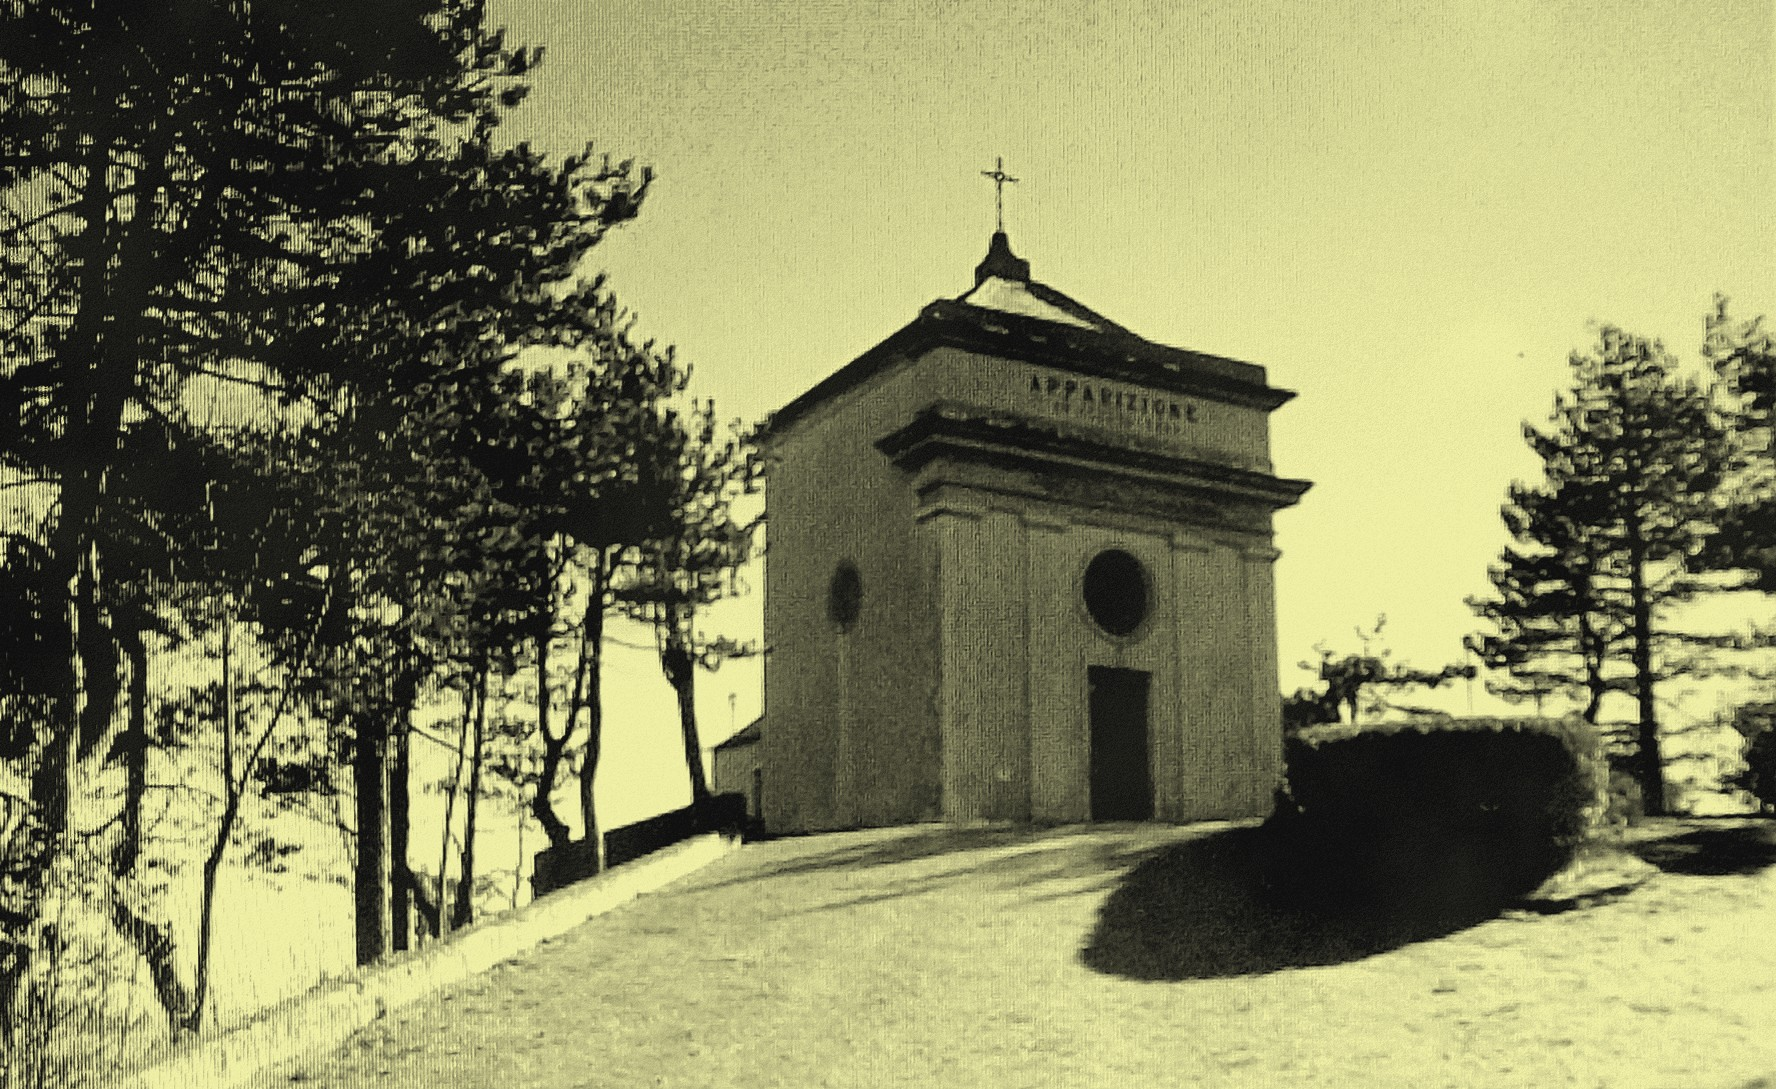 Apareció el Rostro de Jesús en una Cámara Polaroid: La Dolorosa de Gimigliano, Italia (18 abr)